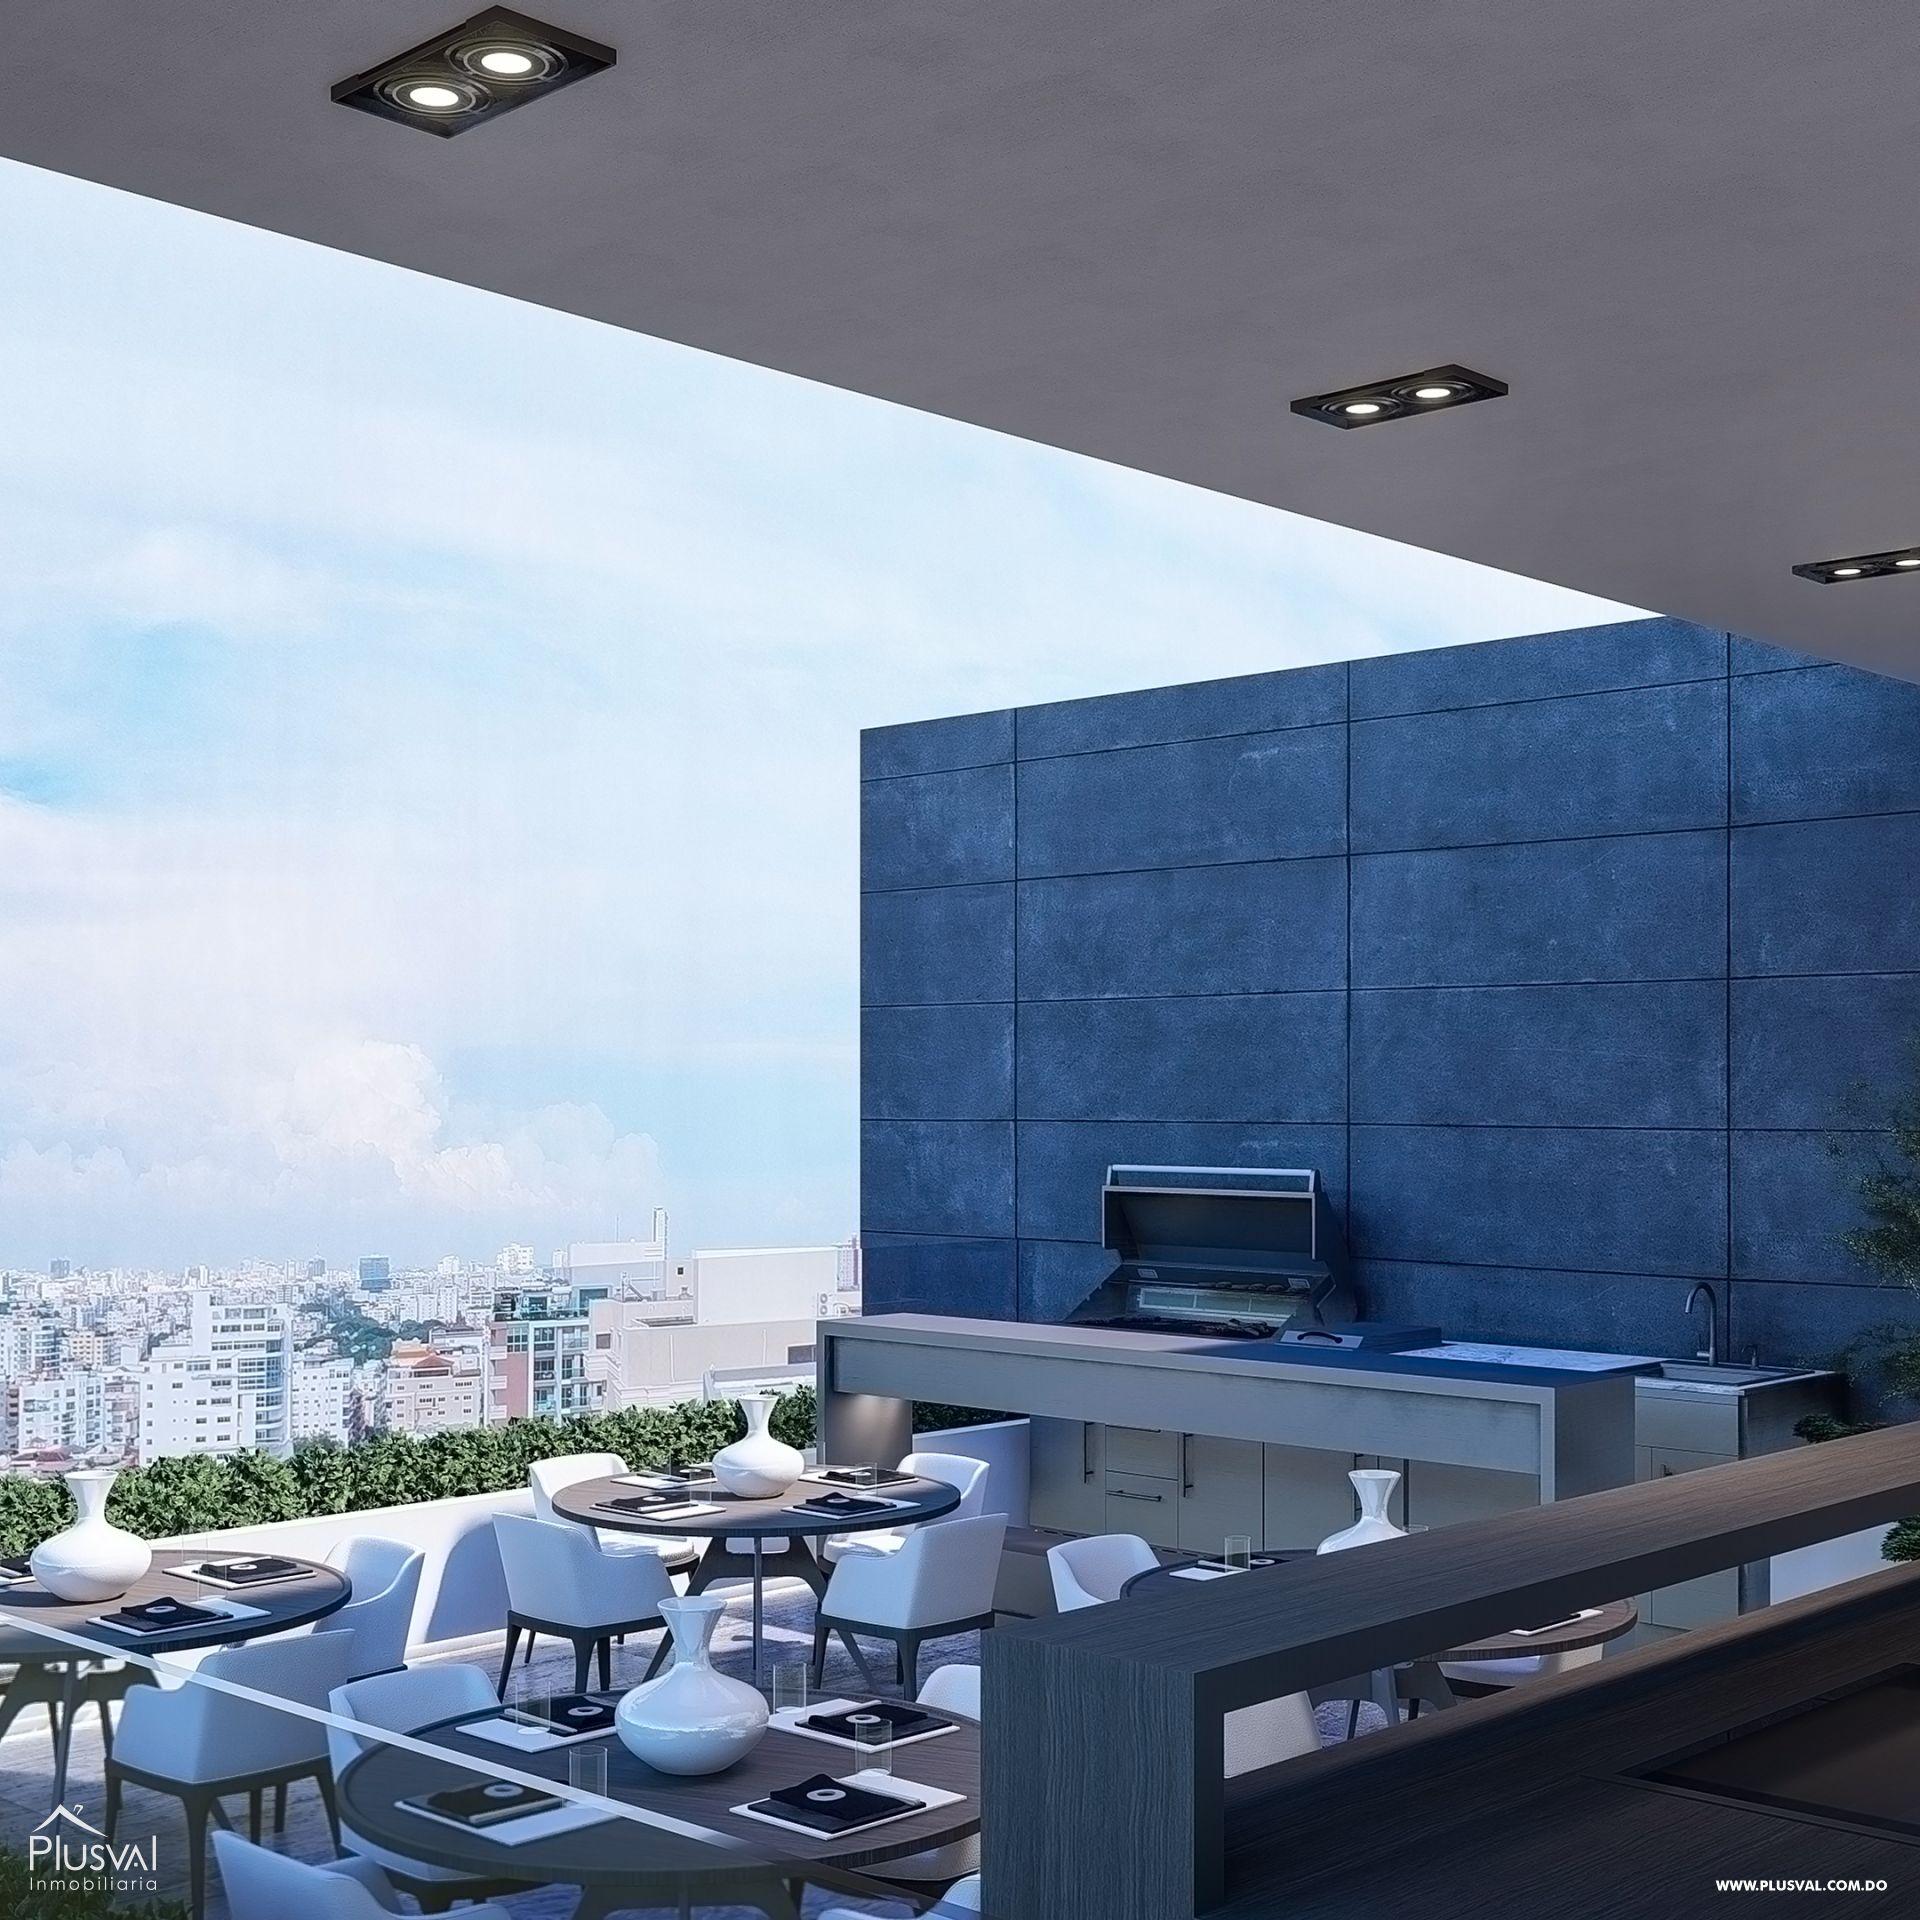 Imponente torre con apartamentos en venta uno por piso con vista al mar en Avenida Enriquillo, Cacicazgos. 144524